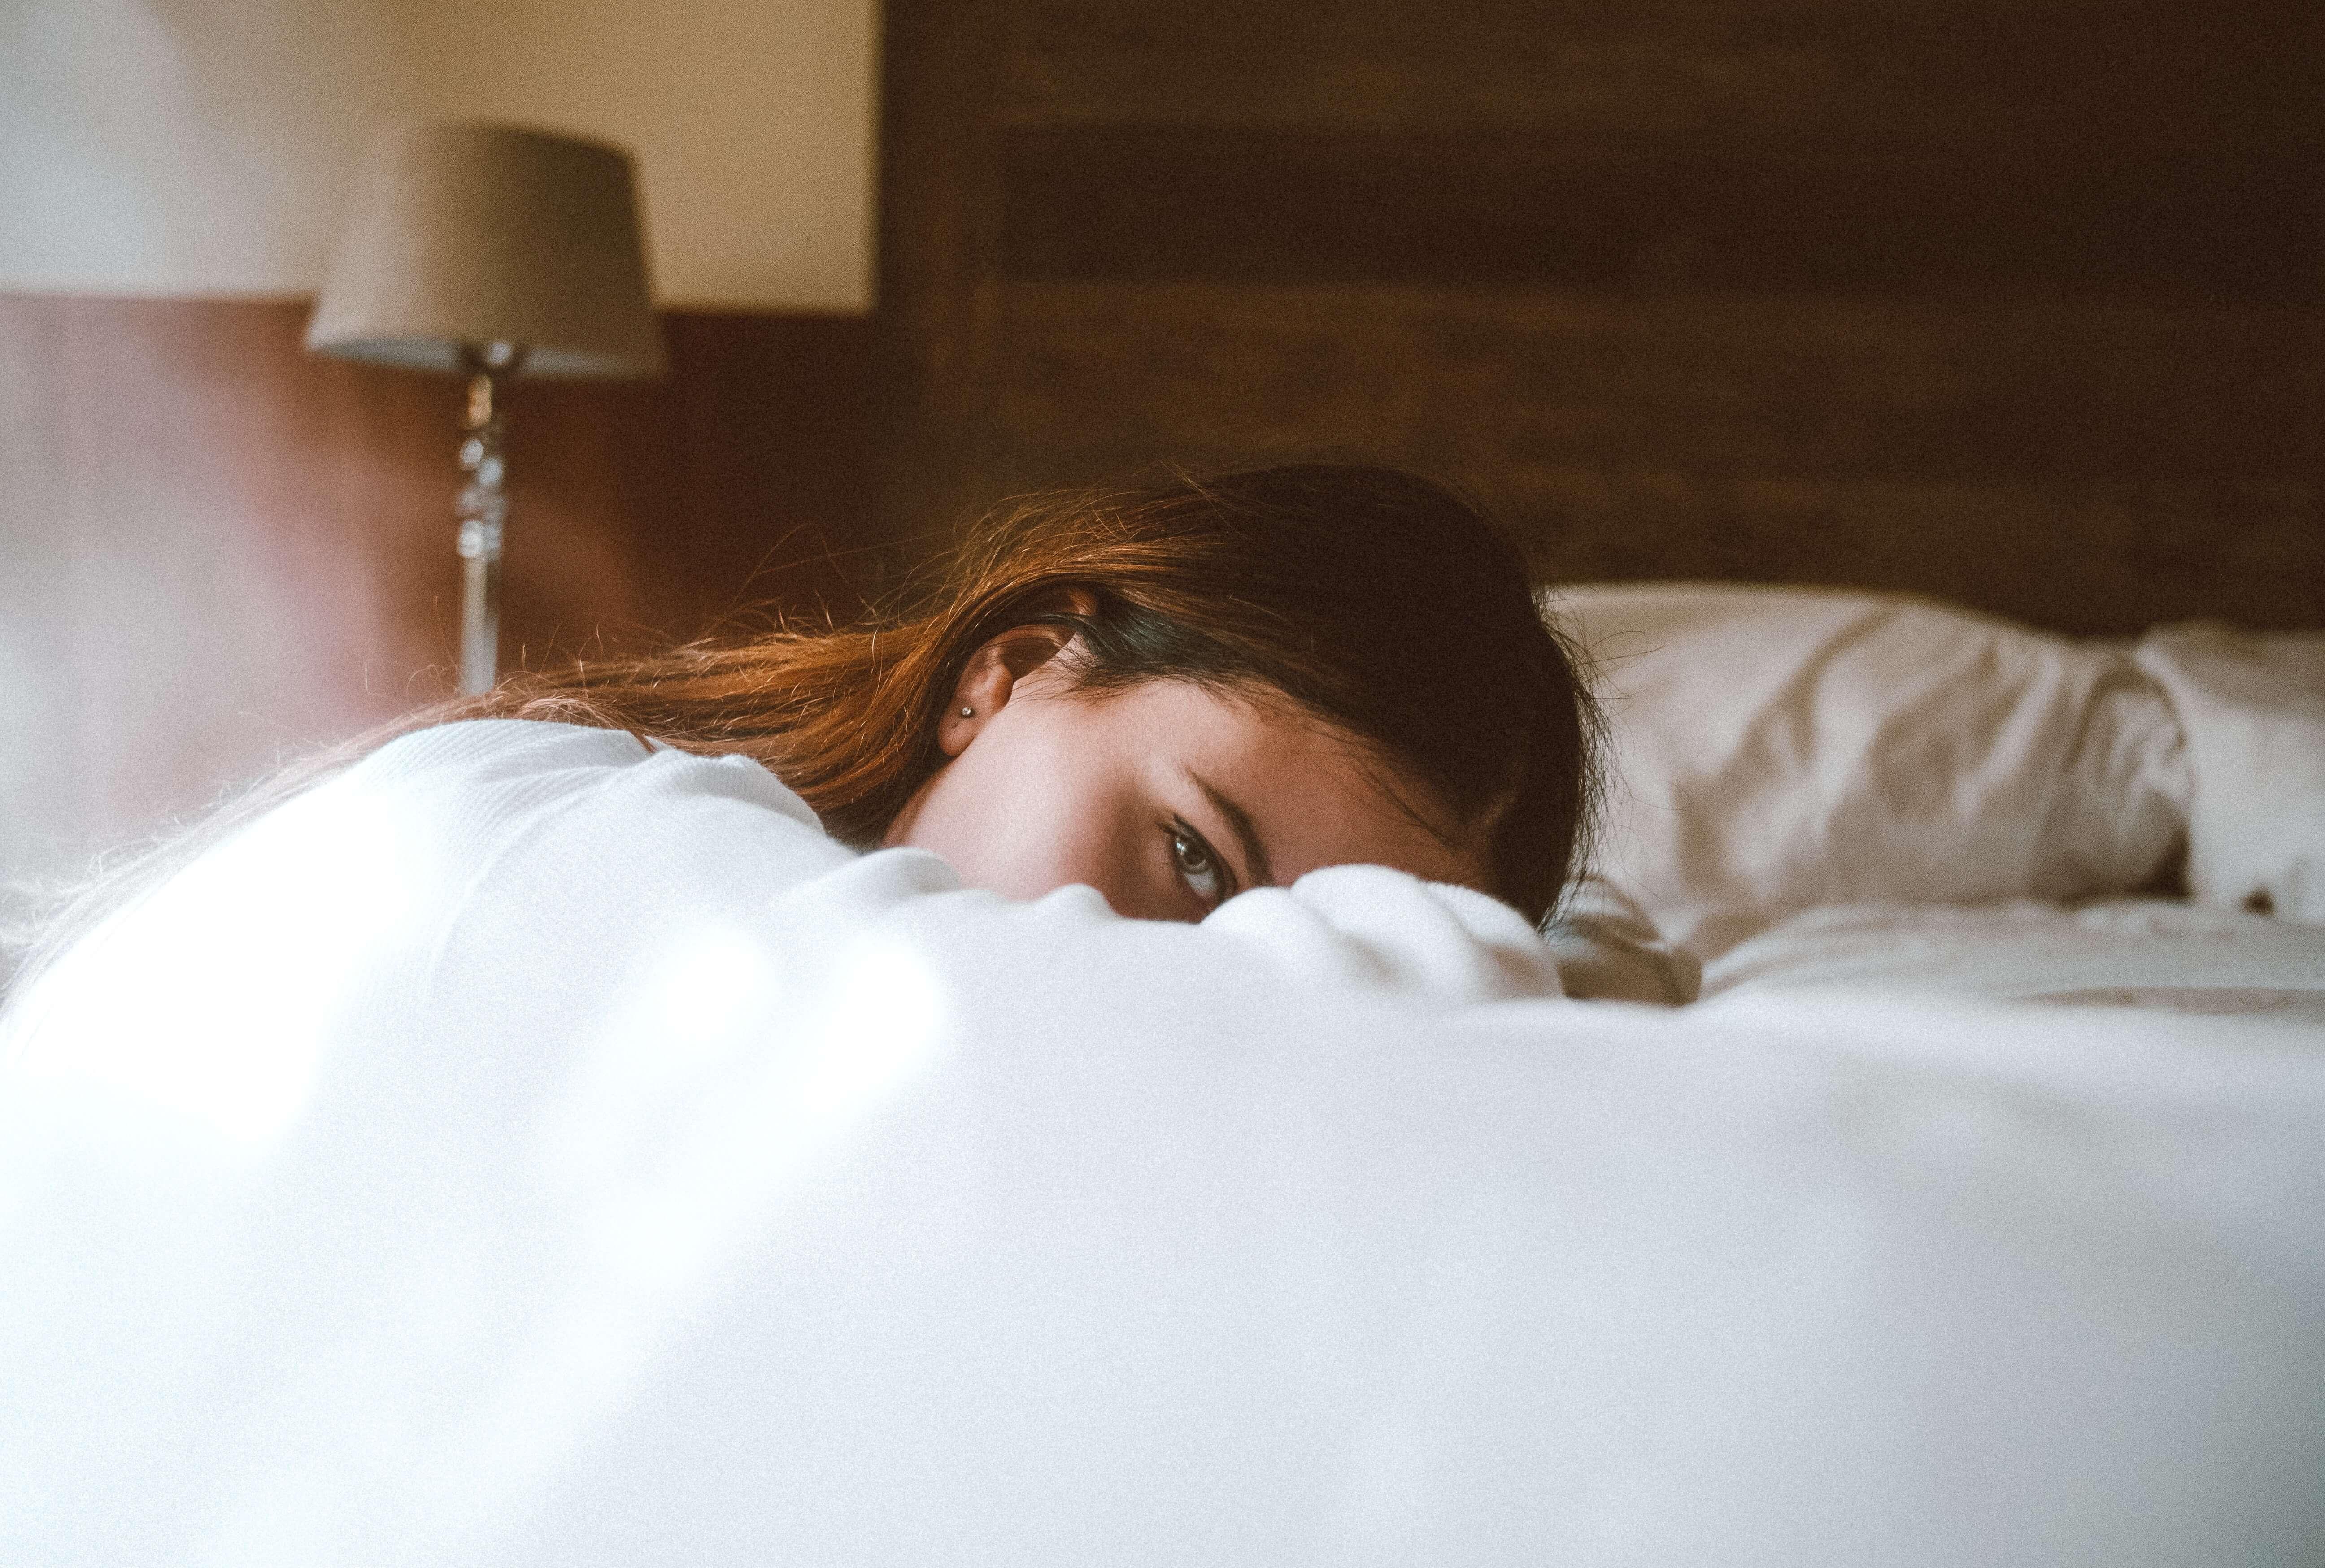 ท็อปเปอร์ ที่นอน ความแตกต่าง